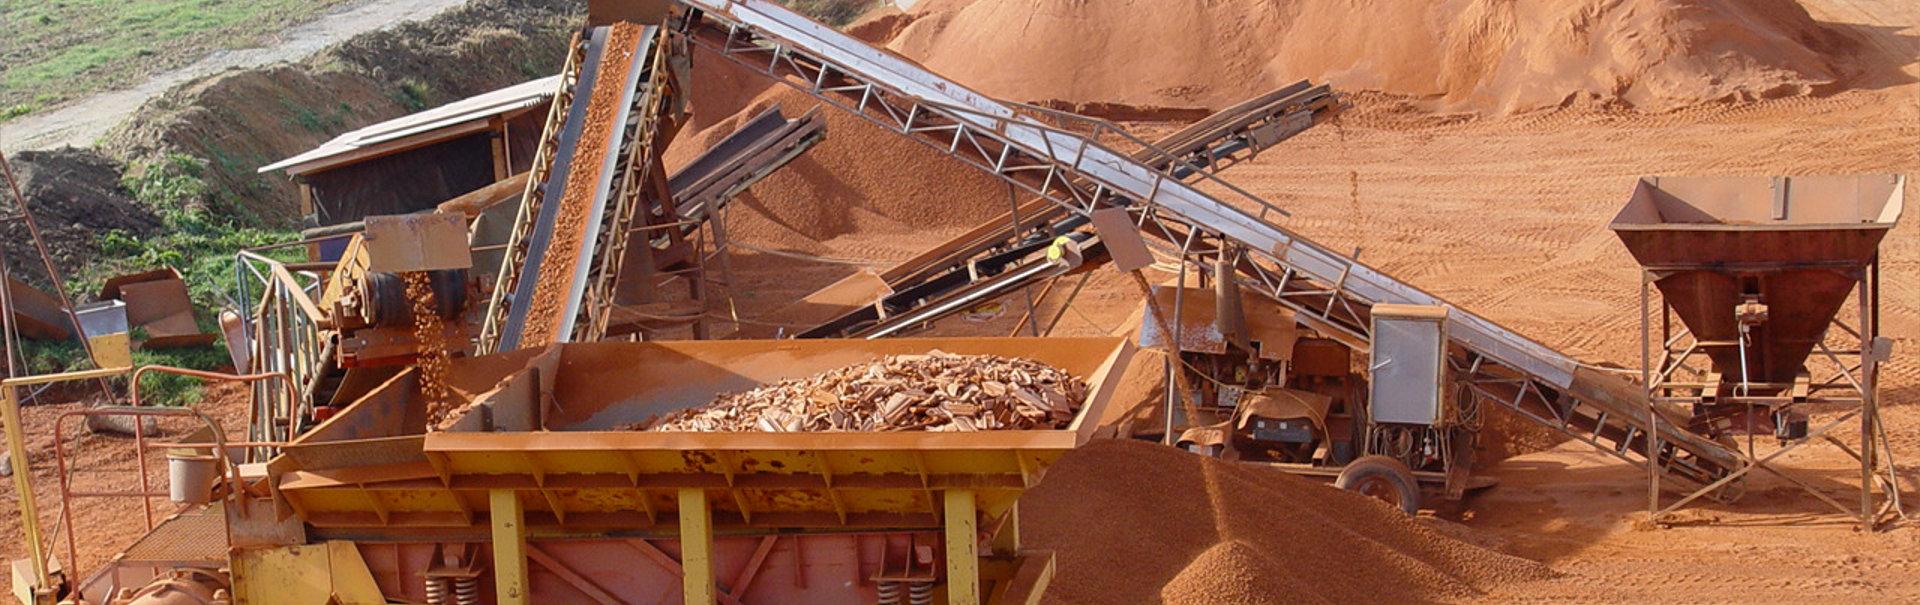 Übersicht über die Ziegelsplitt-Produktionsanlage bei Sonnenerde, Tonziegel